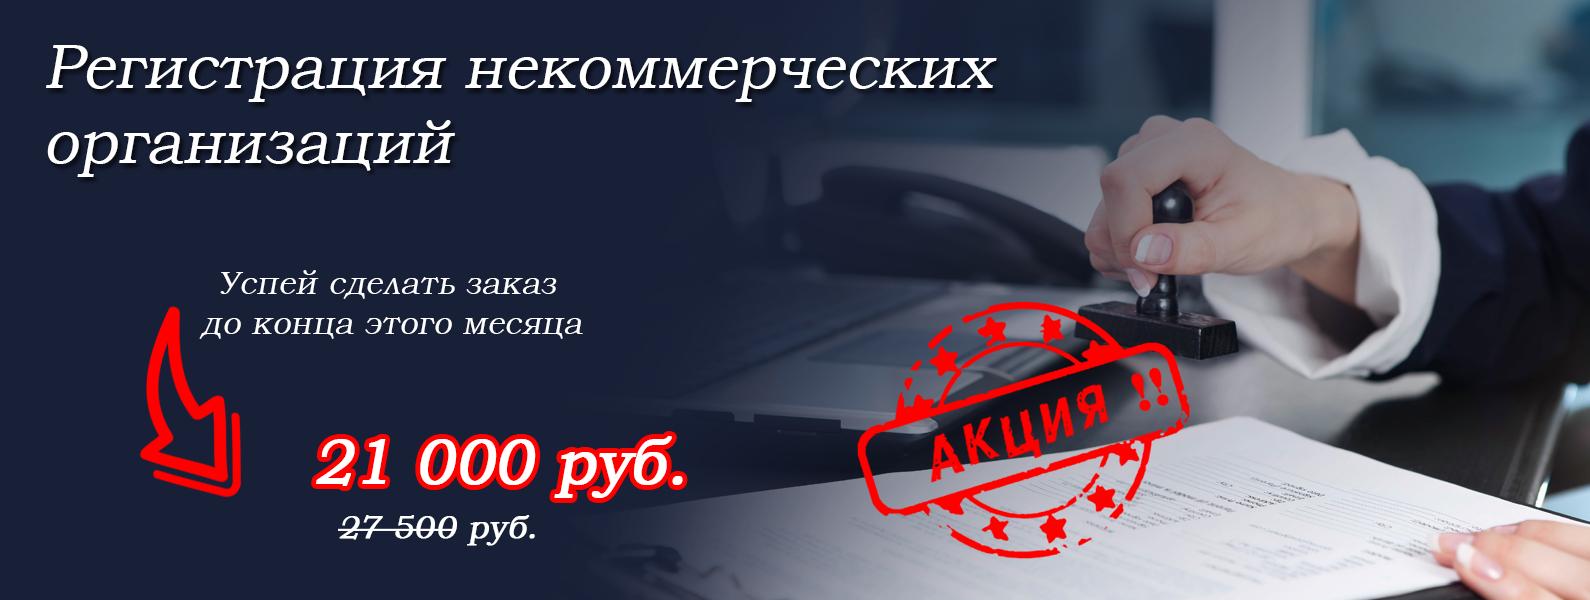 Регистрация некоммерческих организаций с гарантией в Краснодаре